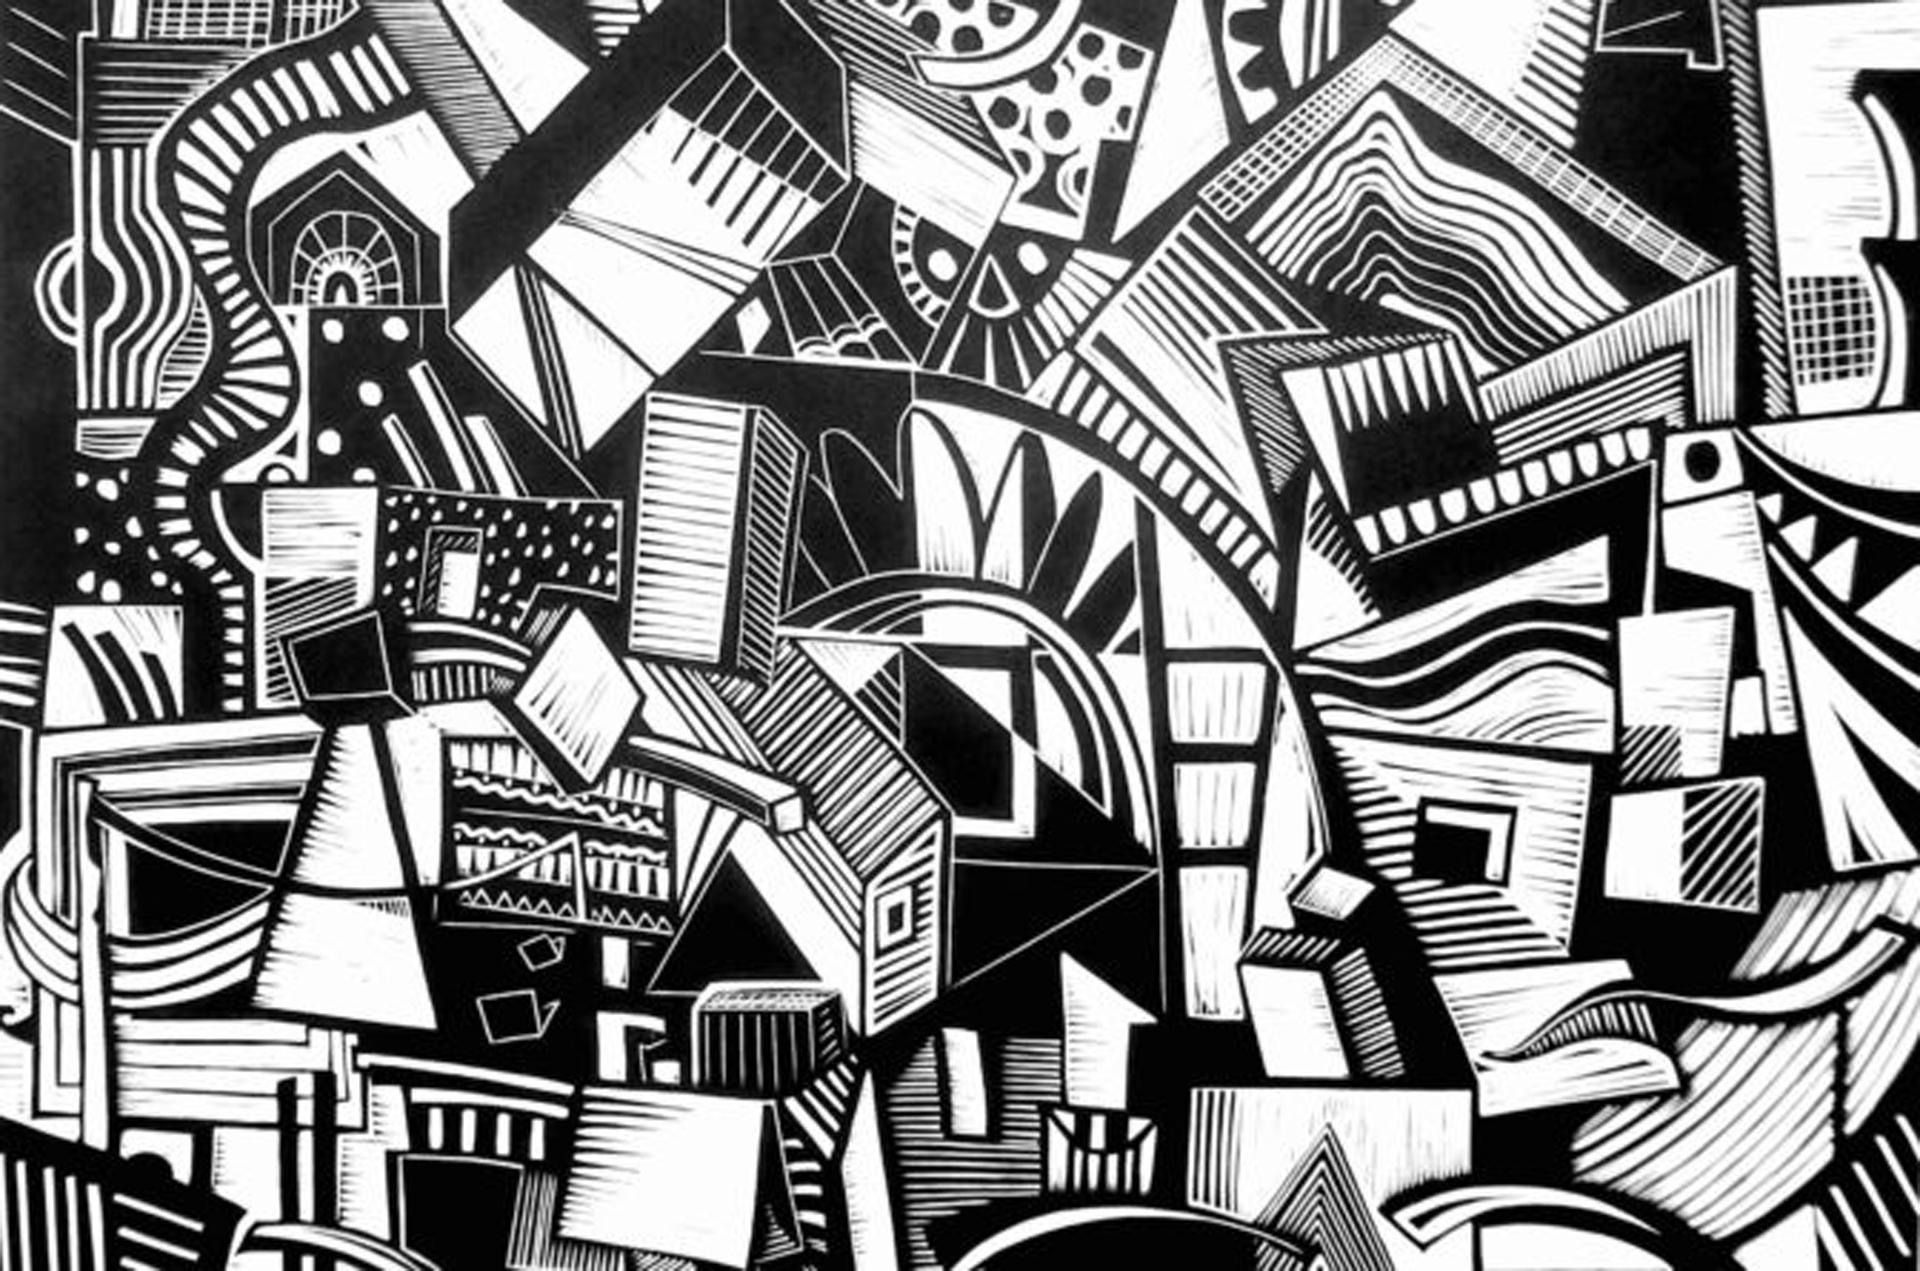 """Galería de Arte BNA del Banco nación serñá la sede para la exposición de la muestra """"Puentes Ecos y Visiones"""""""